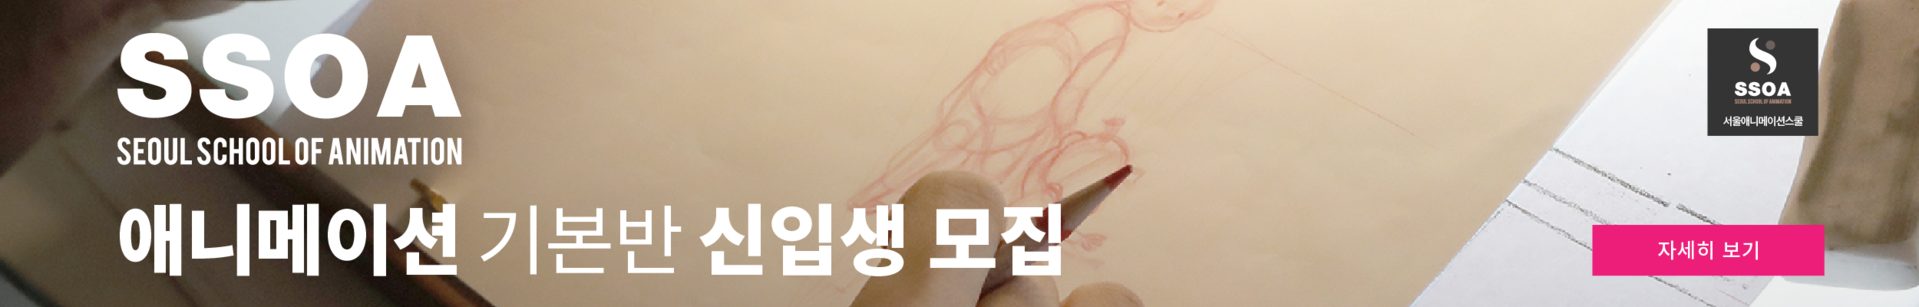 서울애니메이션스쿨 SSOA | 신입생 모집중